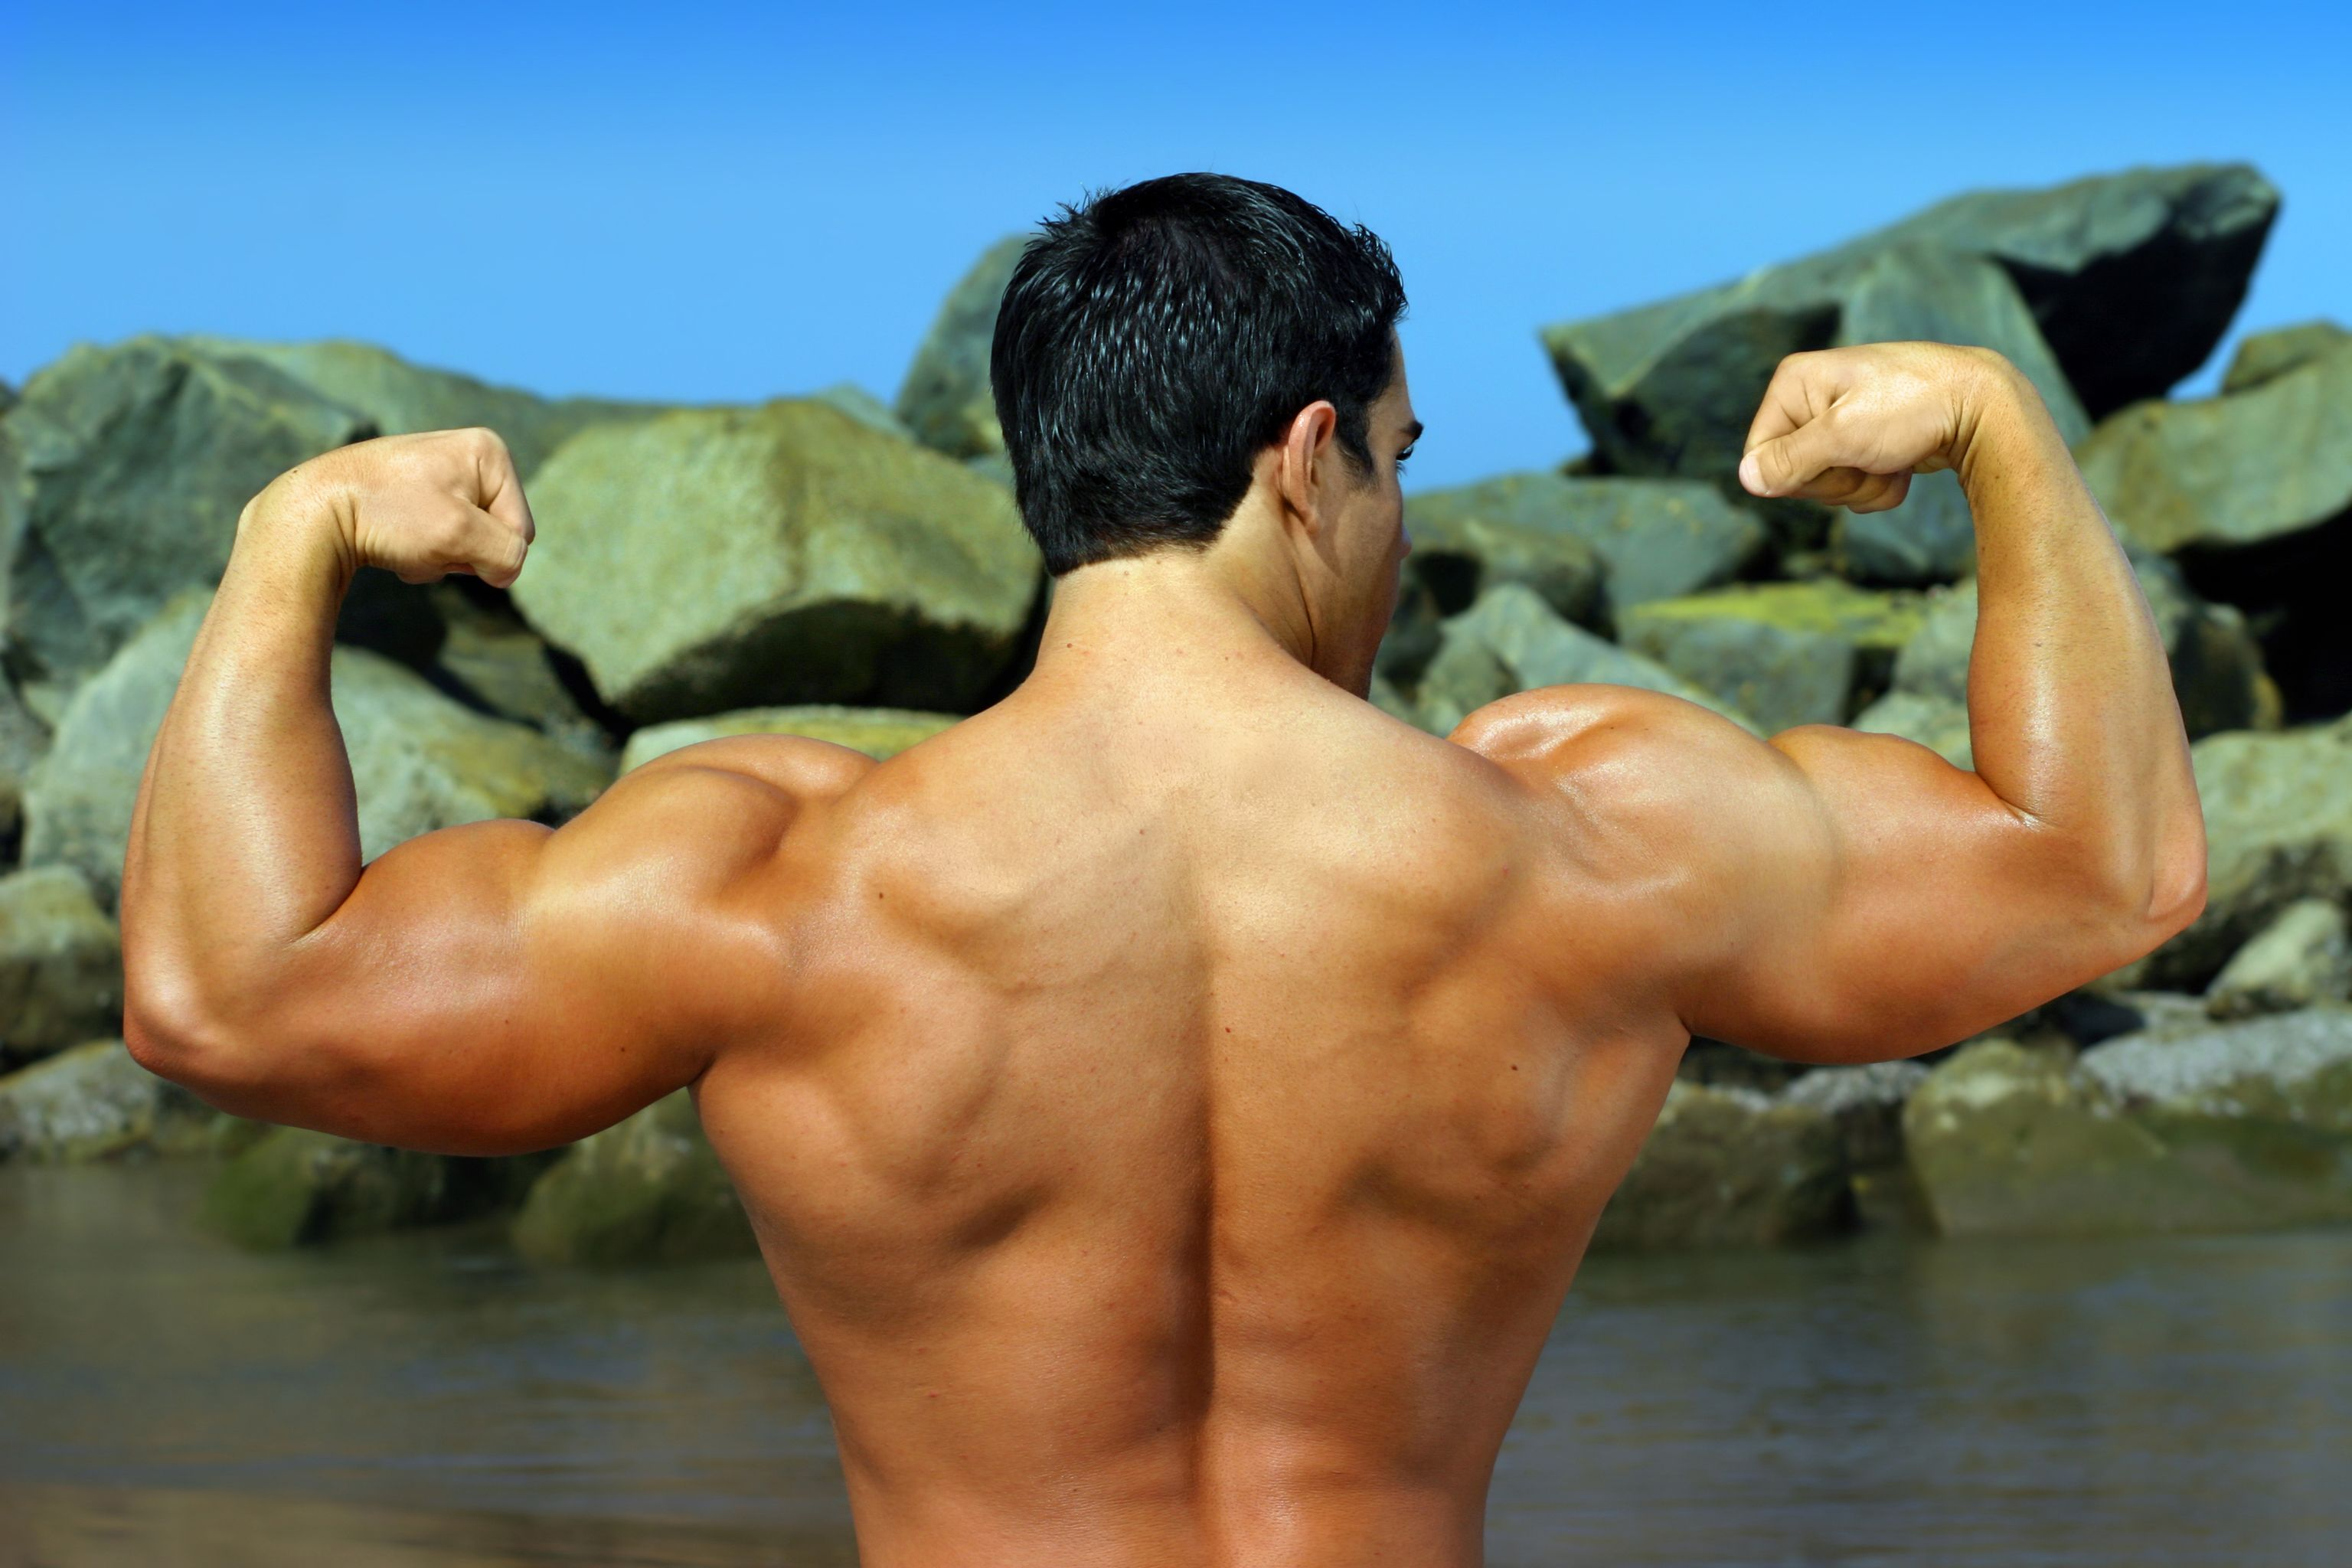 豊かな自然のなか筋肉を披露する男性